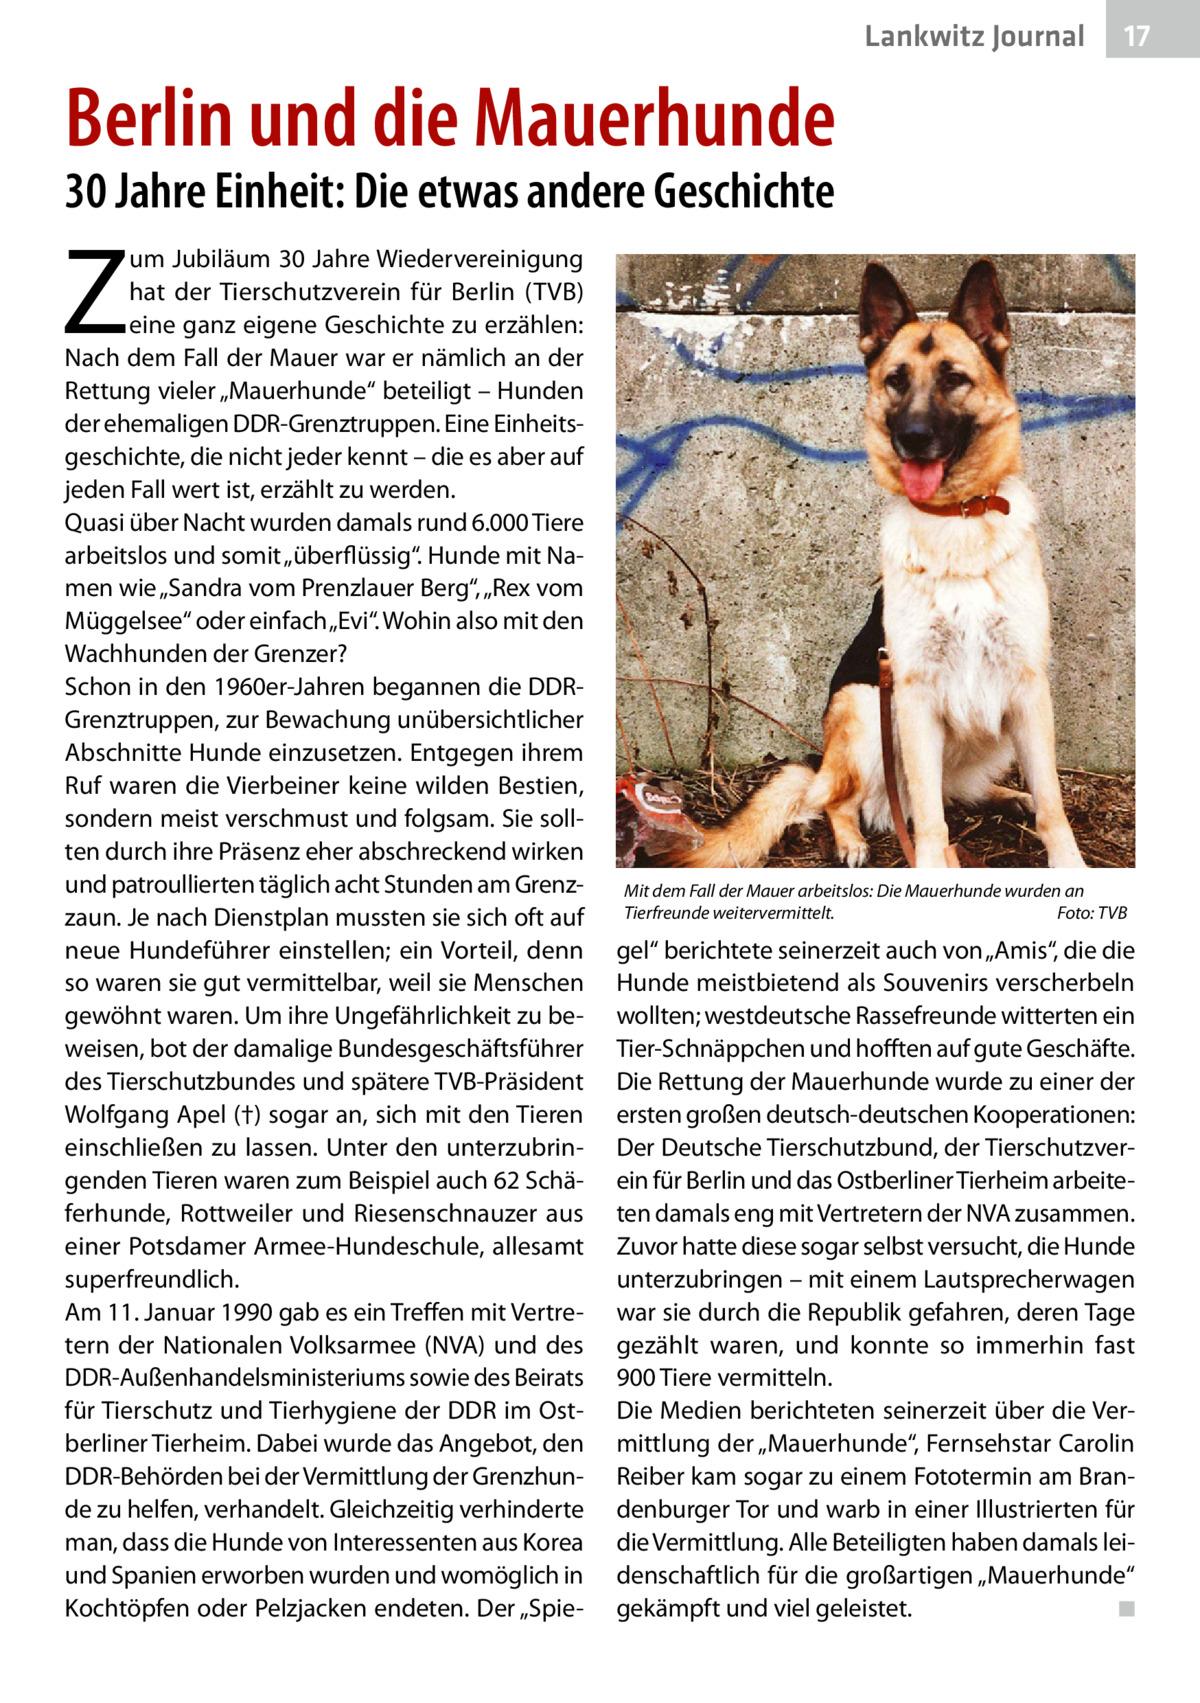 """Lankwitz Journal  17  Berlin und die Mauerhunde 30Jahre Einheit: Die etwas andere Geschichte  Z  um Jubiläum 30Jahre Wiedervereinigung hat der Tierschutzverein für Berlin (TVB) eine ganz eigene Geschichte zu erzählen: Nach dem Fall der Mauer war er nämlich an der Rettung vieler """"Mauerhunde"""" beteiligt – Hunden der ehemaligen DDR-Grenztruppen. Eine Einheitsgeschichte, die nicht jeder kennt – die es aber auf jeden Fall wert ist, erzählt zu werden. Quasi über Nacht wurden damals rund 6.000Tiere arbeitslos und somit """"überflüssig"""". Hunde mit Namen wie """"Sandra vom Prenzlauer Berg"""", """"Rex vom Müggelsee"""" oder einfach """"Evi"""". Wohin also mit den Wachhunden der Grenzer? Schon in den 1960er-Jahren begannen die DDRGrenztruppen, zur Bewachung unübersichtlicher Abschnitte Hunde einzusetzen. Entgegen ihrem Ruf waren die Vierbeiner keine wilden Bestien, sondern meist verschmust und folgsam. Sie sollten durch ihre Präsenz eher abschreckend wirken und patroullierten täglich acht Stunden am Grenzzaun. Je nach Dienstplan mussten sie sich oft auf neue Hundeführer einstellen; ein Vorteil, denn so waren sie gut vermittelbar, weil sie Menschen gewöhnt waren. Um ihre Ungefährlichkeit zu beweisen, bot der damalige Bundesgeschäftsführer des Tierschutzbundes und spätere TVB-Präsident Wolfgang Apel(†) sogar an, sich mit den Tieren einschließen zu lassen. Unter den unterzubringenden Tieren waren zum Beispiel auch 62Schäferhunde, Rottweiler und Riesenschnauzer aus einer Potsdamer Armee-Hundeschule, allesamt superfreundlich. Am 11.Januar 1990 gab es ein Treffen mit Vertretern der Nationalen Volksarmee (NVA) und des DDR-Außenhandelsministeriums sowie des Beirats für Tierschutz und Tierhygiene der DDR im Ostberliner Tierheim. Dabei wurde das Angebot, den DDR-Behörden bei der Vermittlung der Grenzhunde zu helfen, verhandelt. Gleichzeitig verhinderte man, dass die Hunde von Interessenten aus Korea und Spanien erworben wurden und womöglich in Kochtöpfen oder Pelzjacken endeten. Der """"Spie Mit dem Fall der M"""